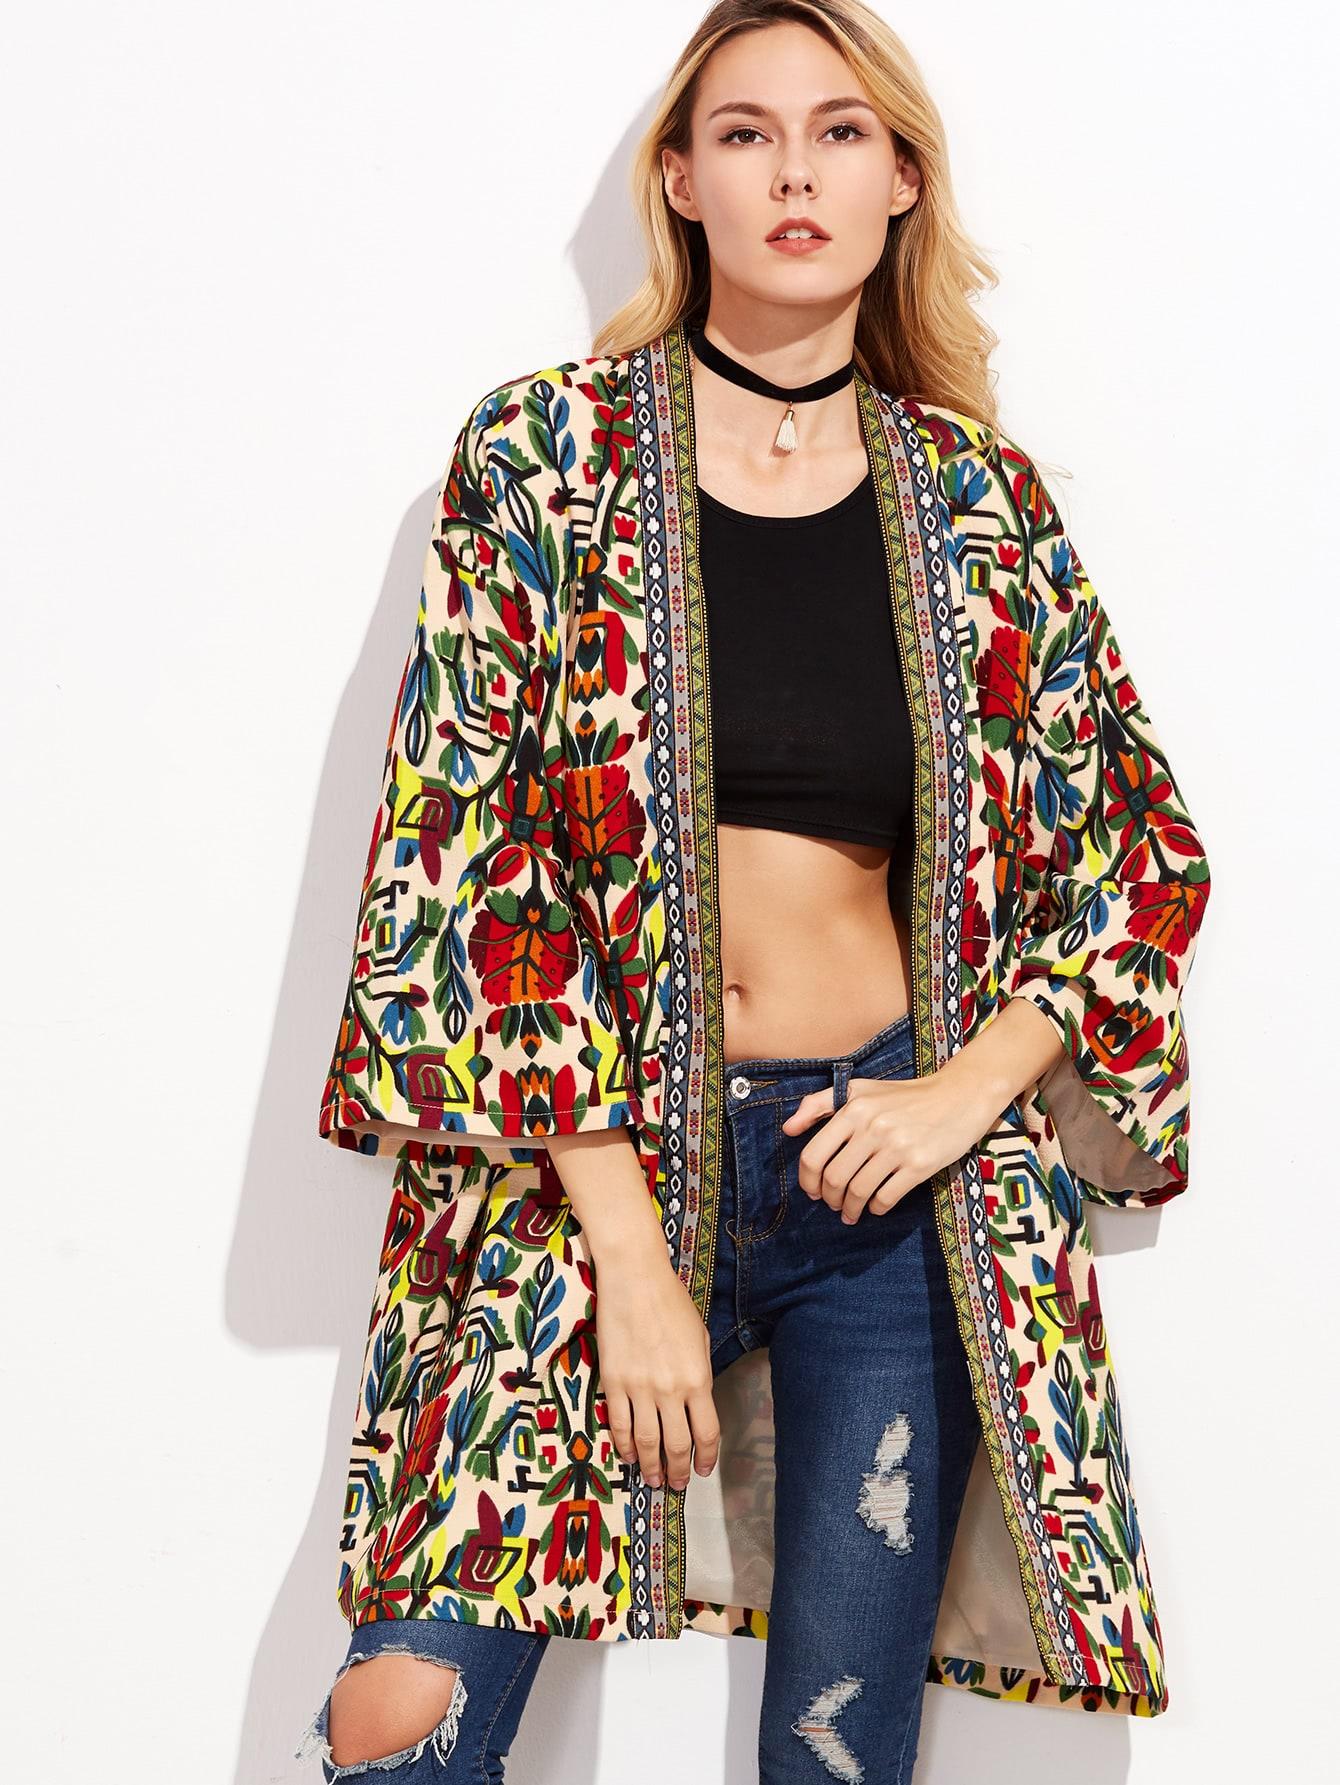 Women S Fashion In Winter